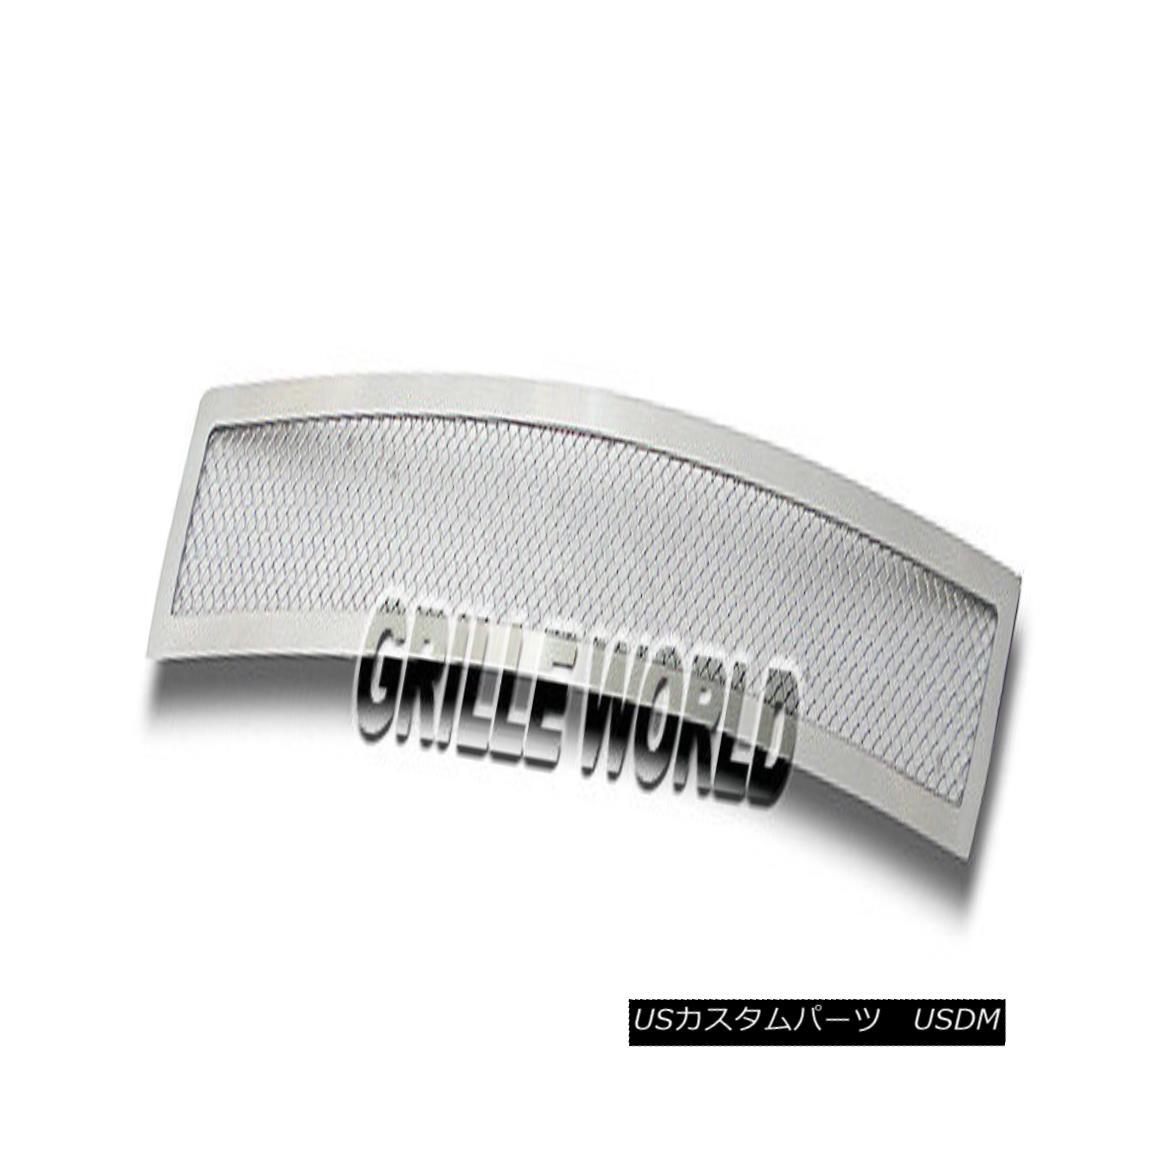 グリル For 2011-2012 Scion TC Bumper Stainless Steel Mesh Premium Grille Insert Scion TCバンパーステンレスメッシュプレミアムグリルインサート